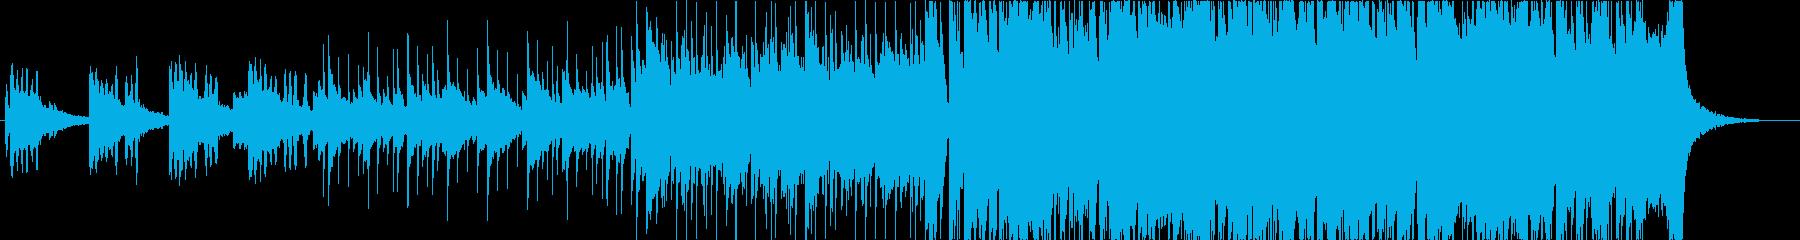 おしゃれインストピアノロック ショートの再生済みの波形